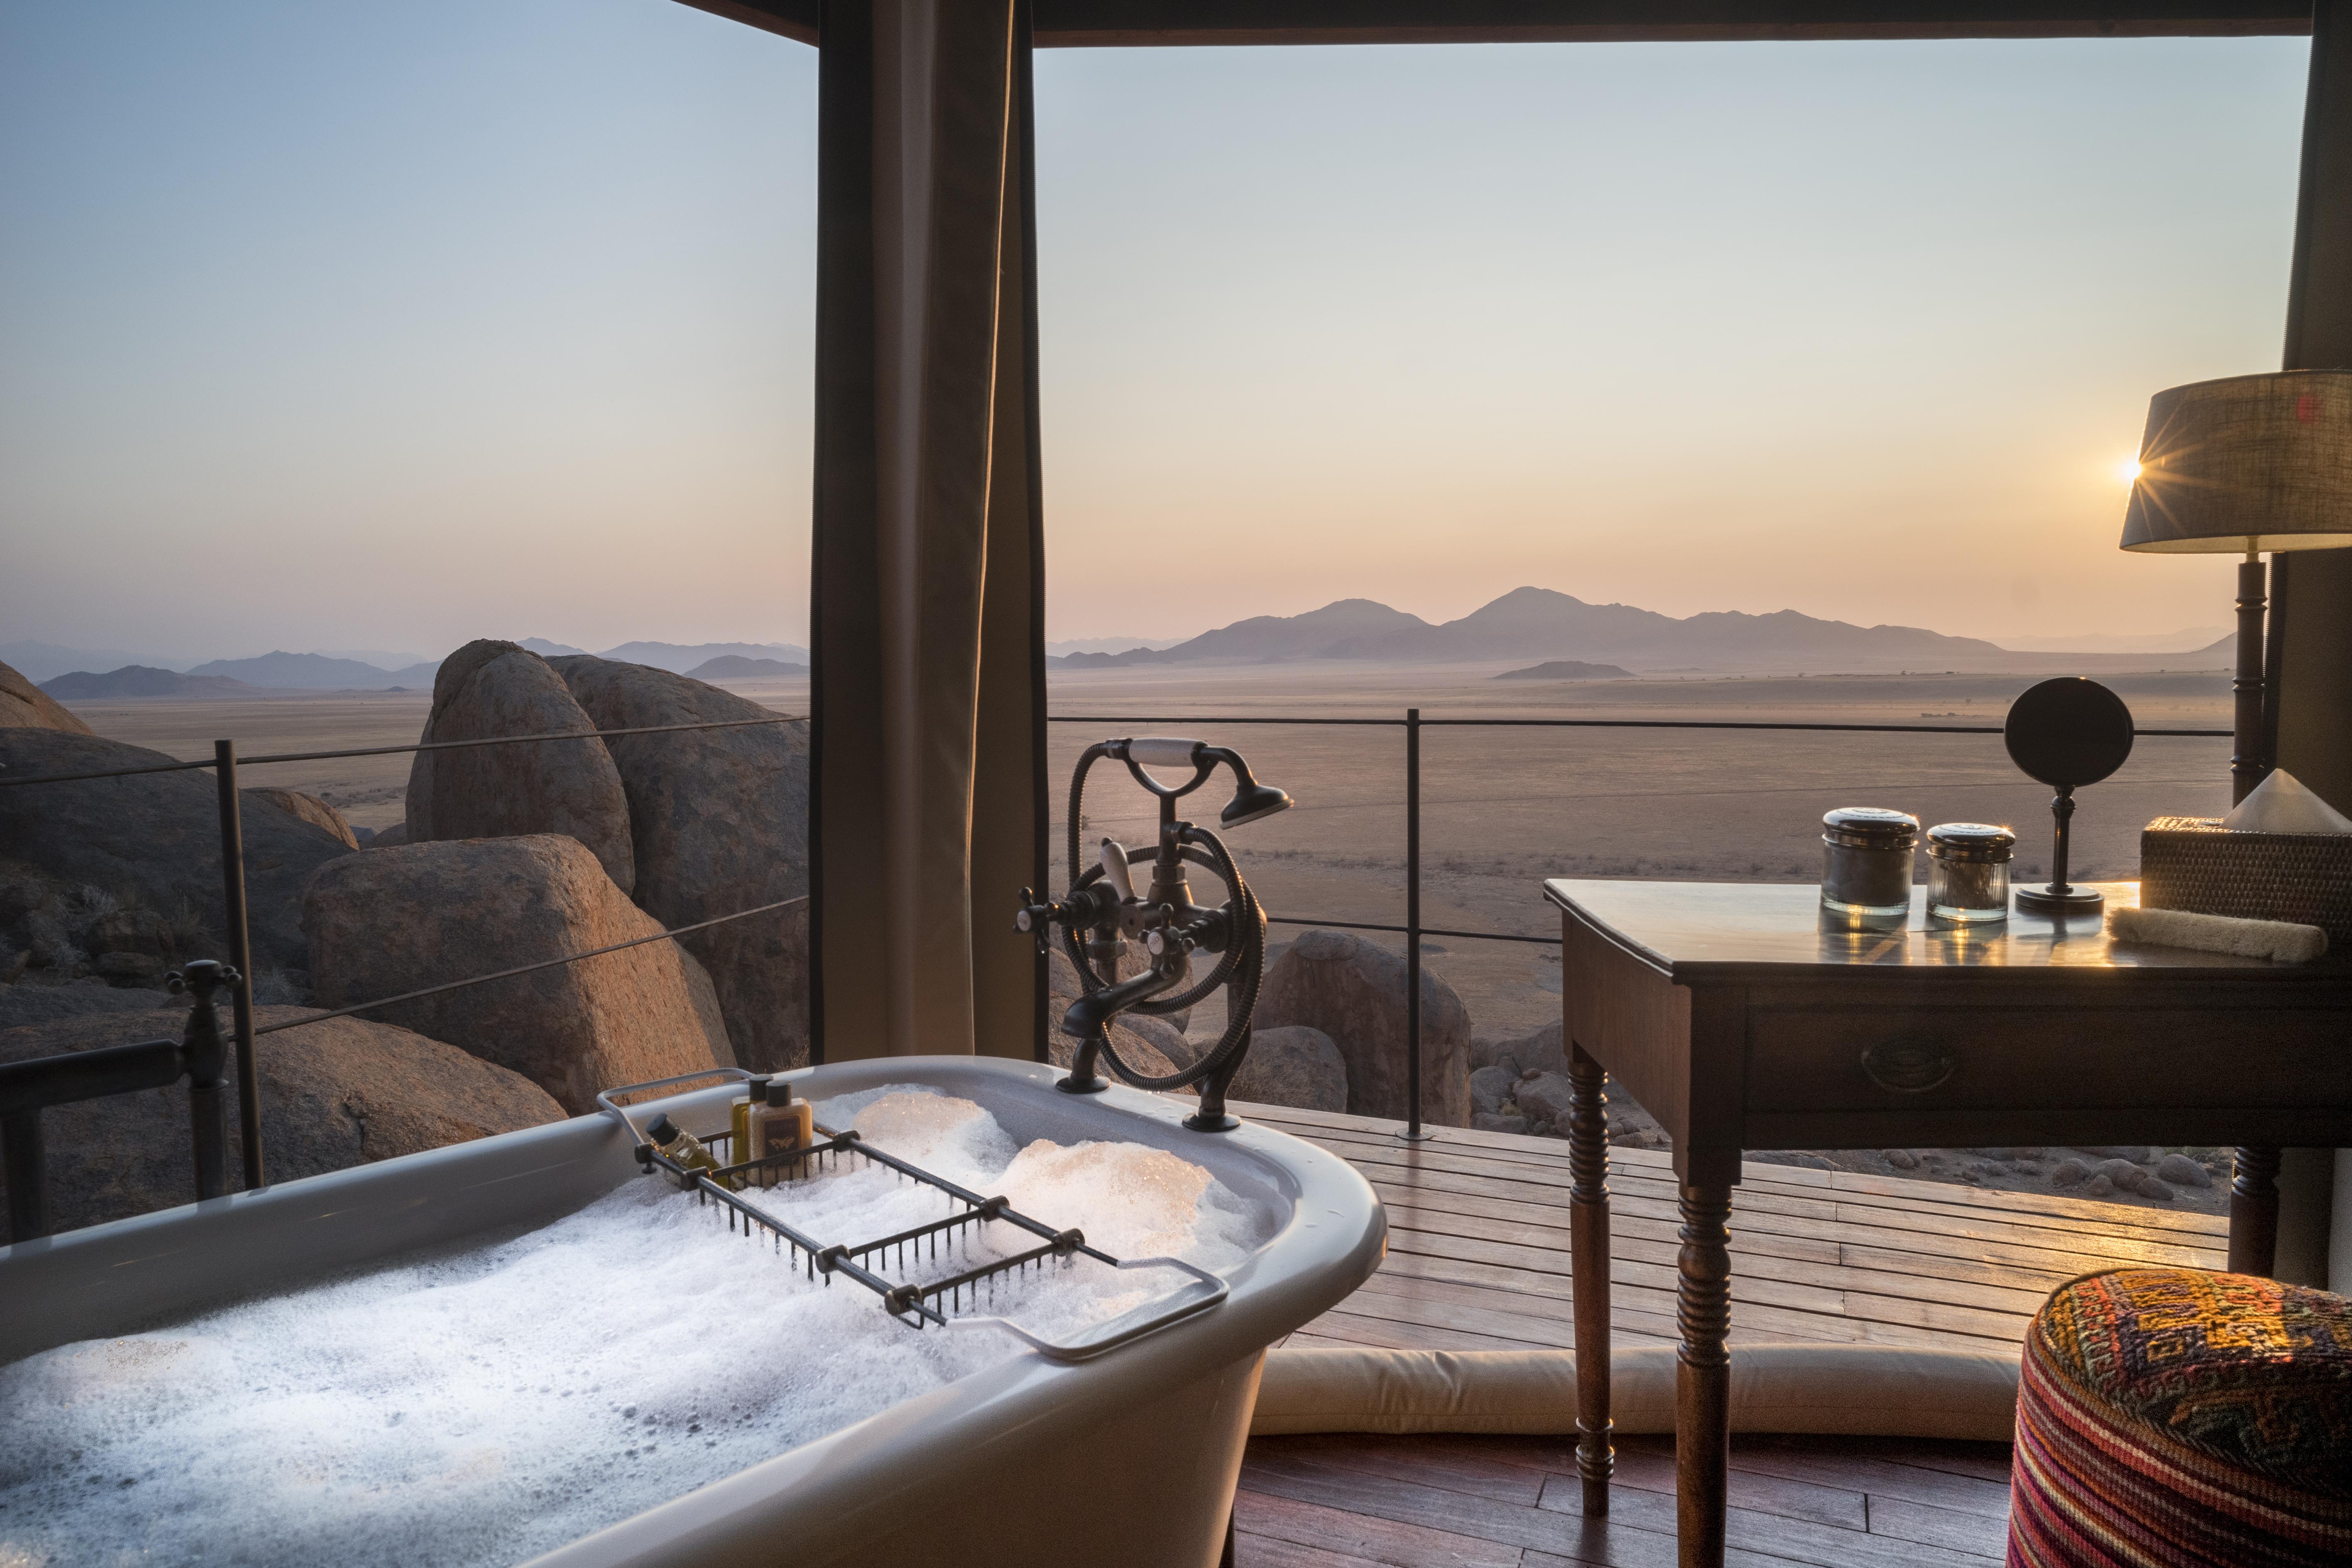 Baño con vistas / Tibo Dhermy/Zannier Hotels